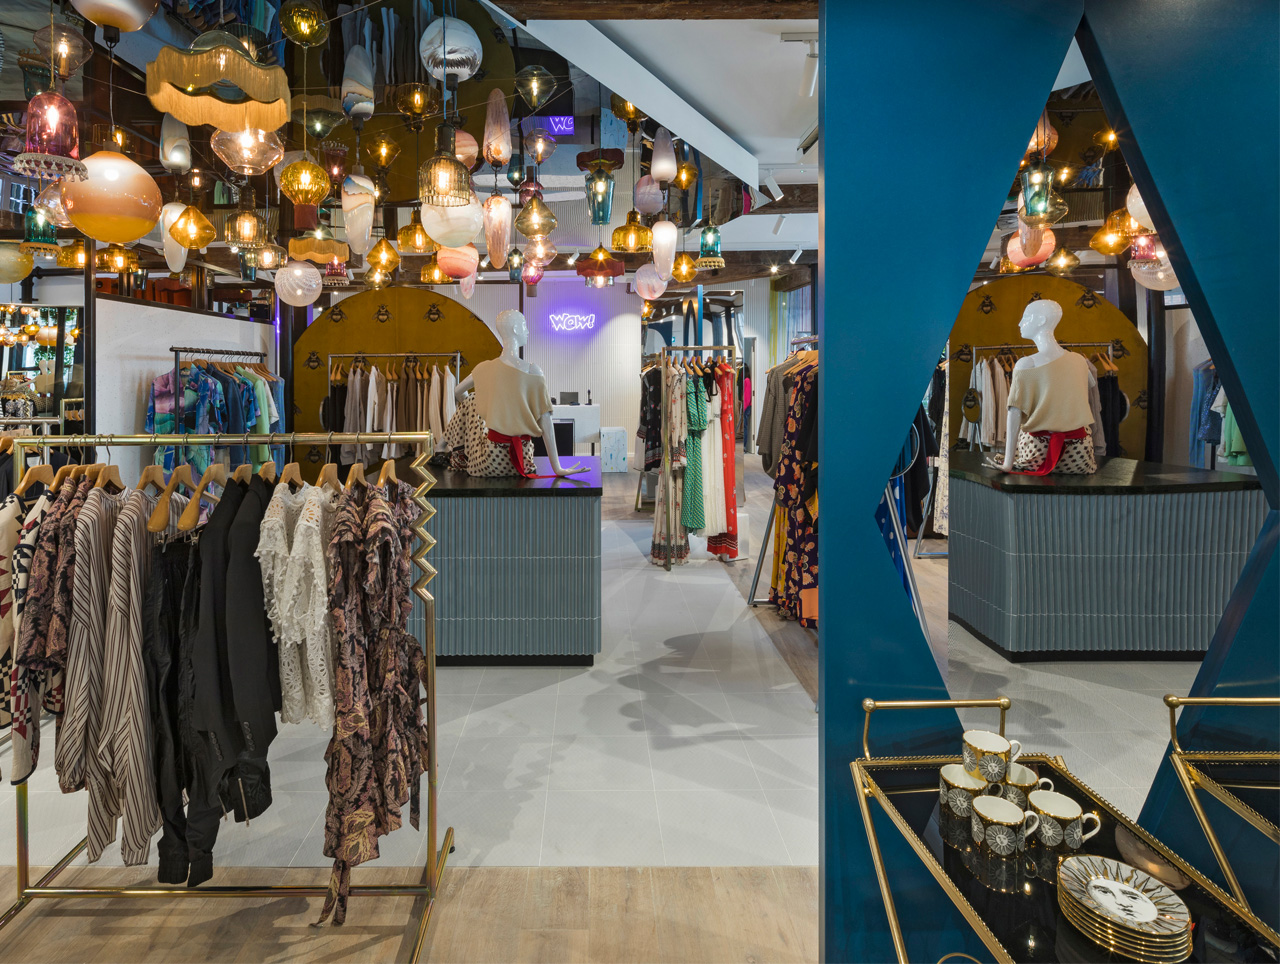 The Shop at Bluebird in London/Großbritannien